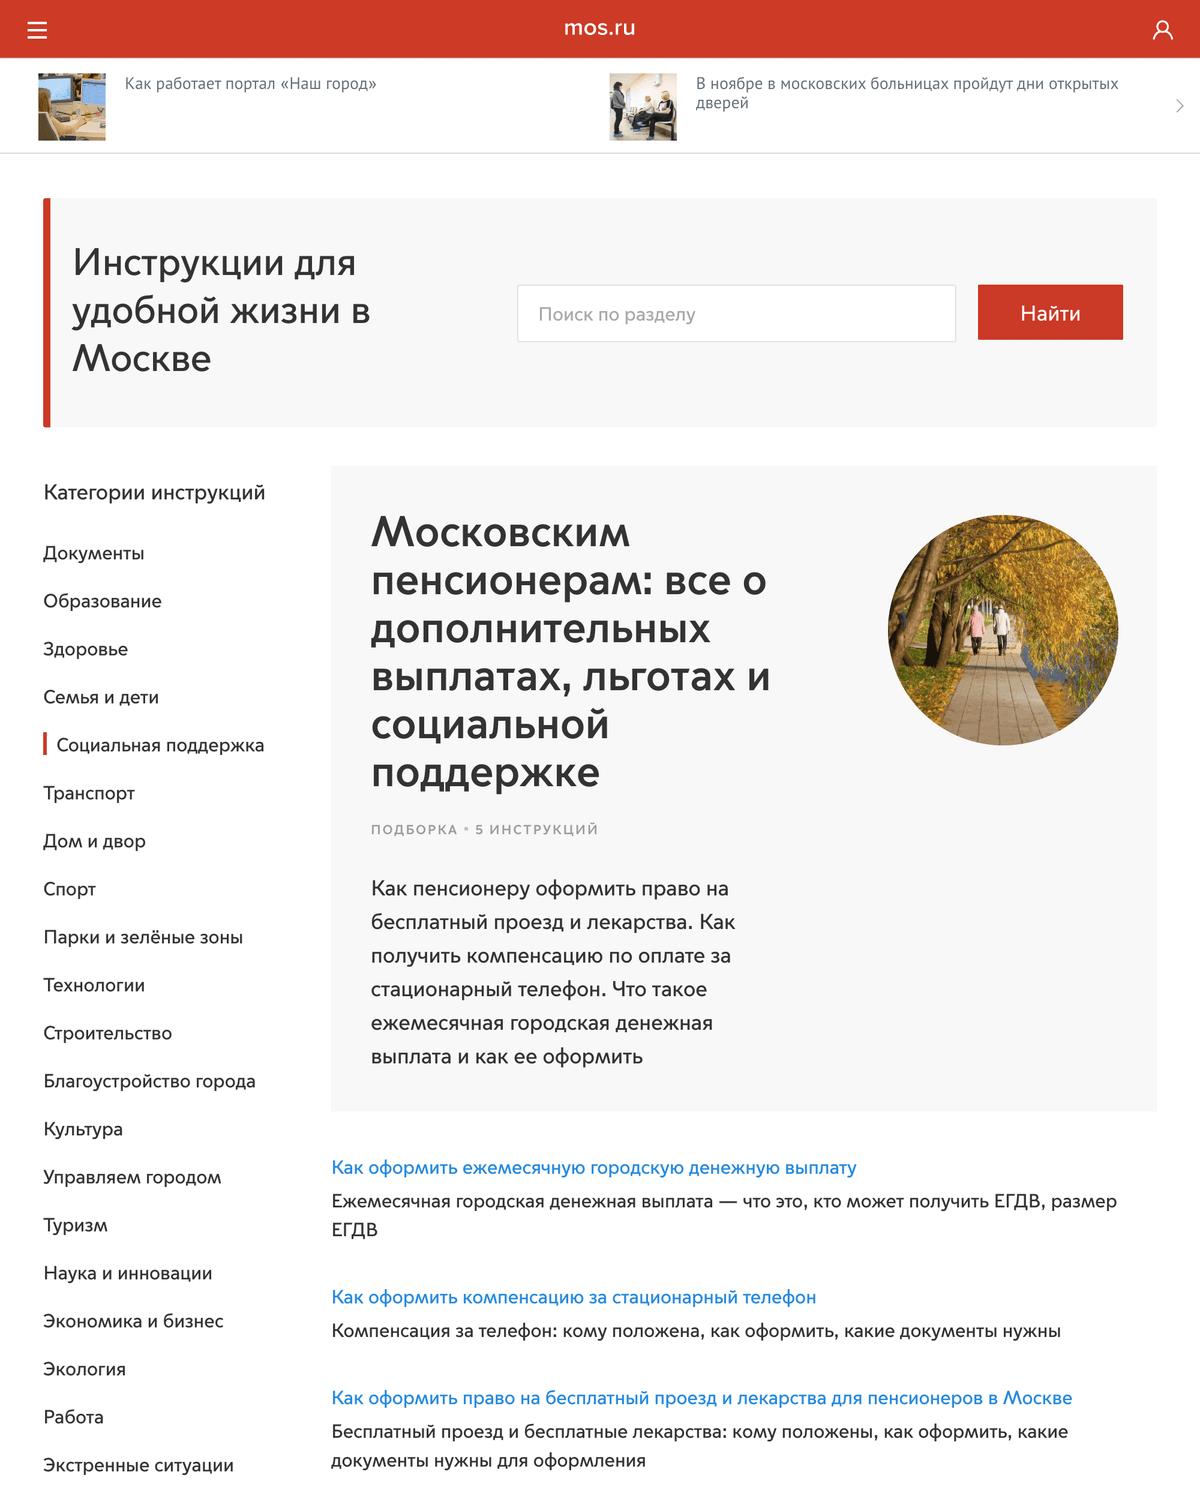 Московские пенсионеры могут найти информацию на сайте мэра